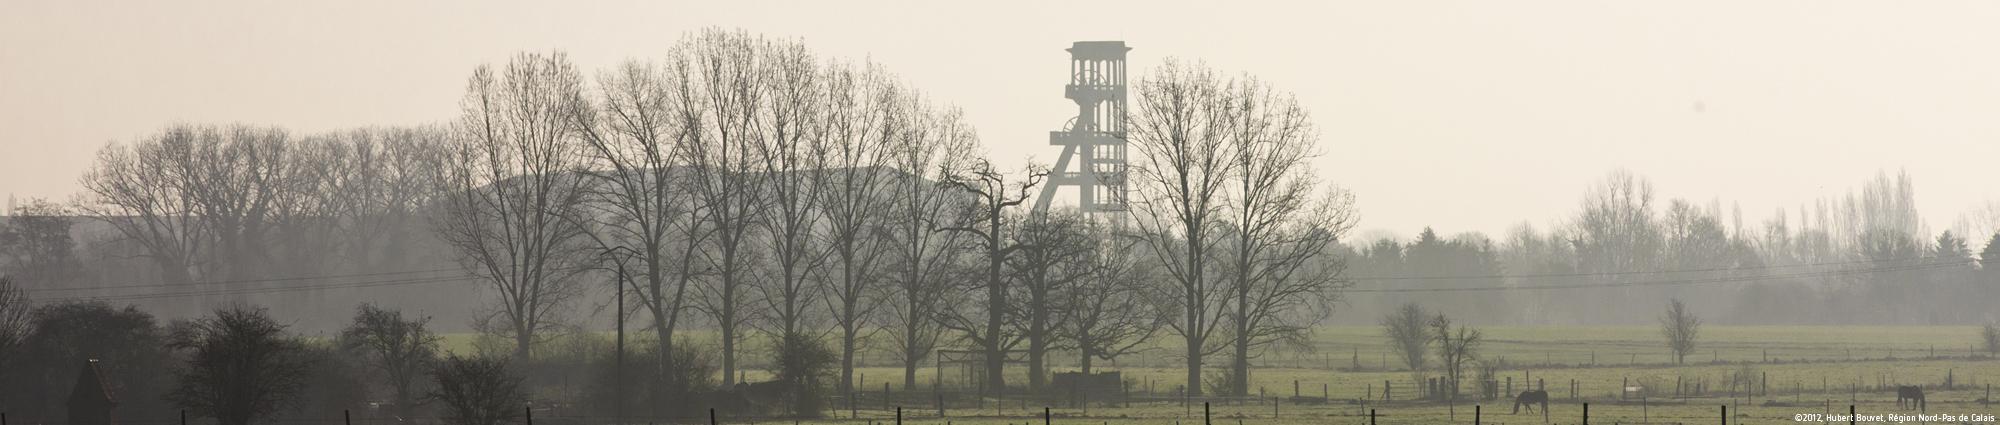 Chevalement Dutemple à Valenciennes ©2012, Hubert Bouvet, Région Nord-Pas de Calais